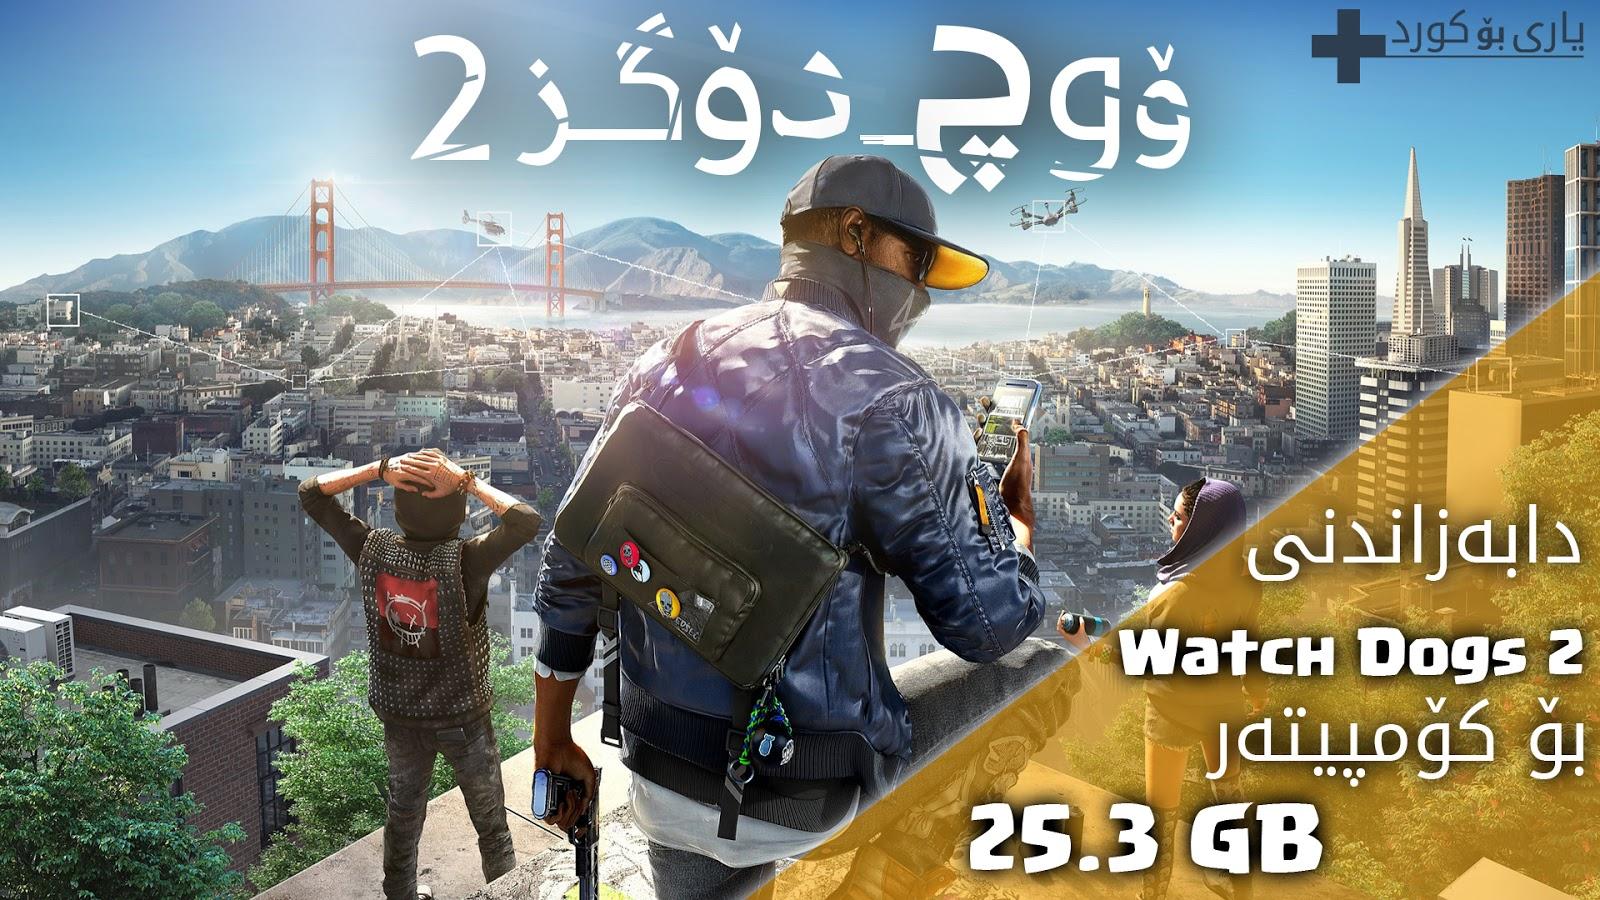 دابهزاندنی یاری Watch Dogs 2 بۆ كۆمپیوتهر